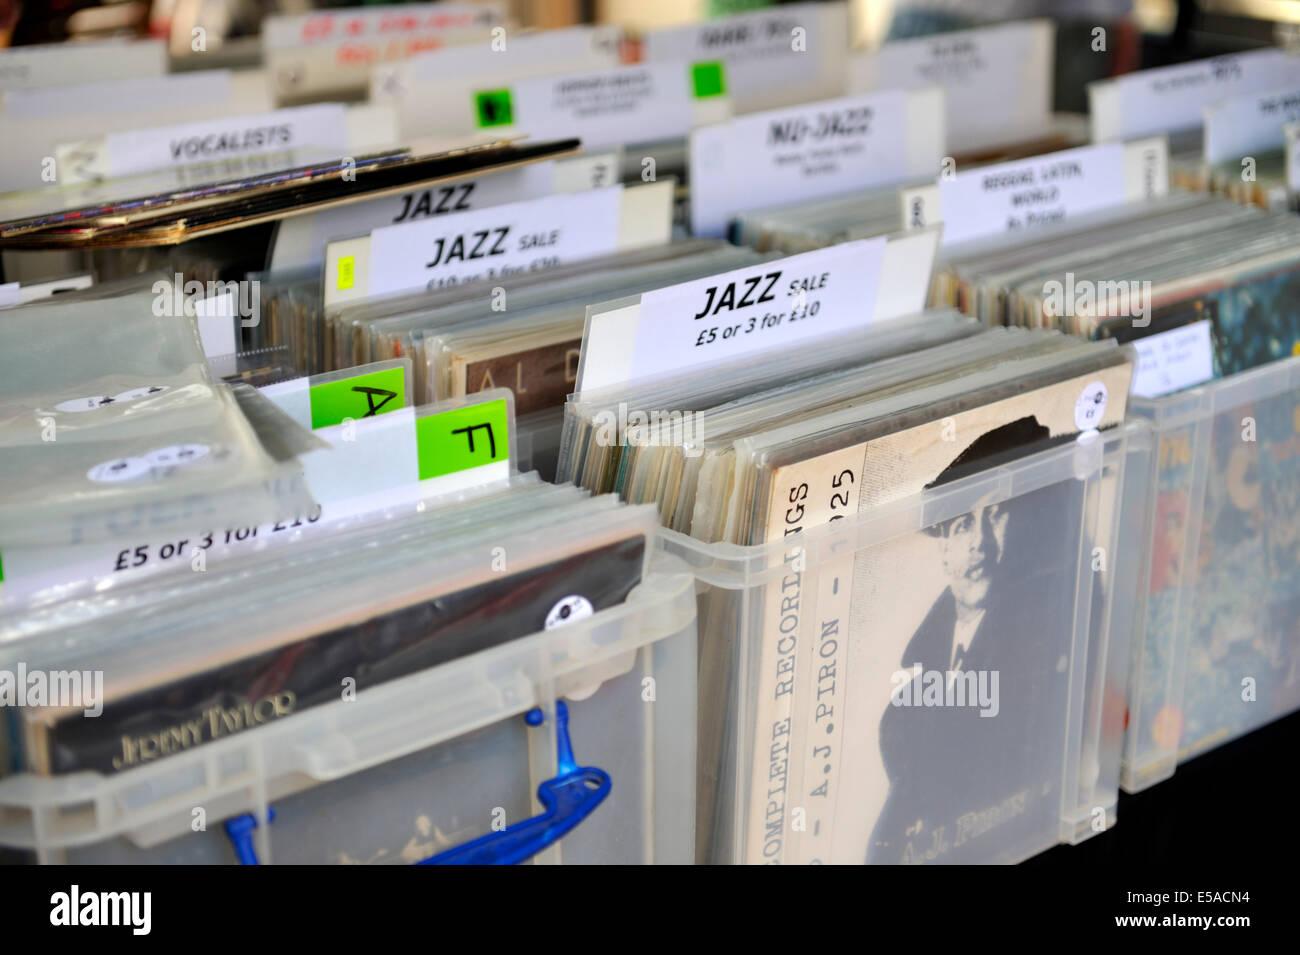 Stacks Vinyl 25